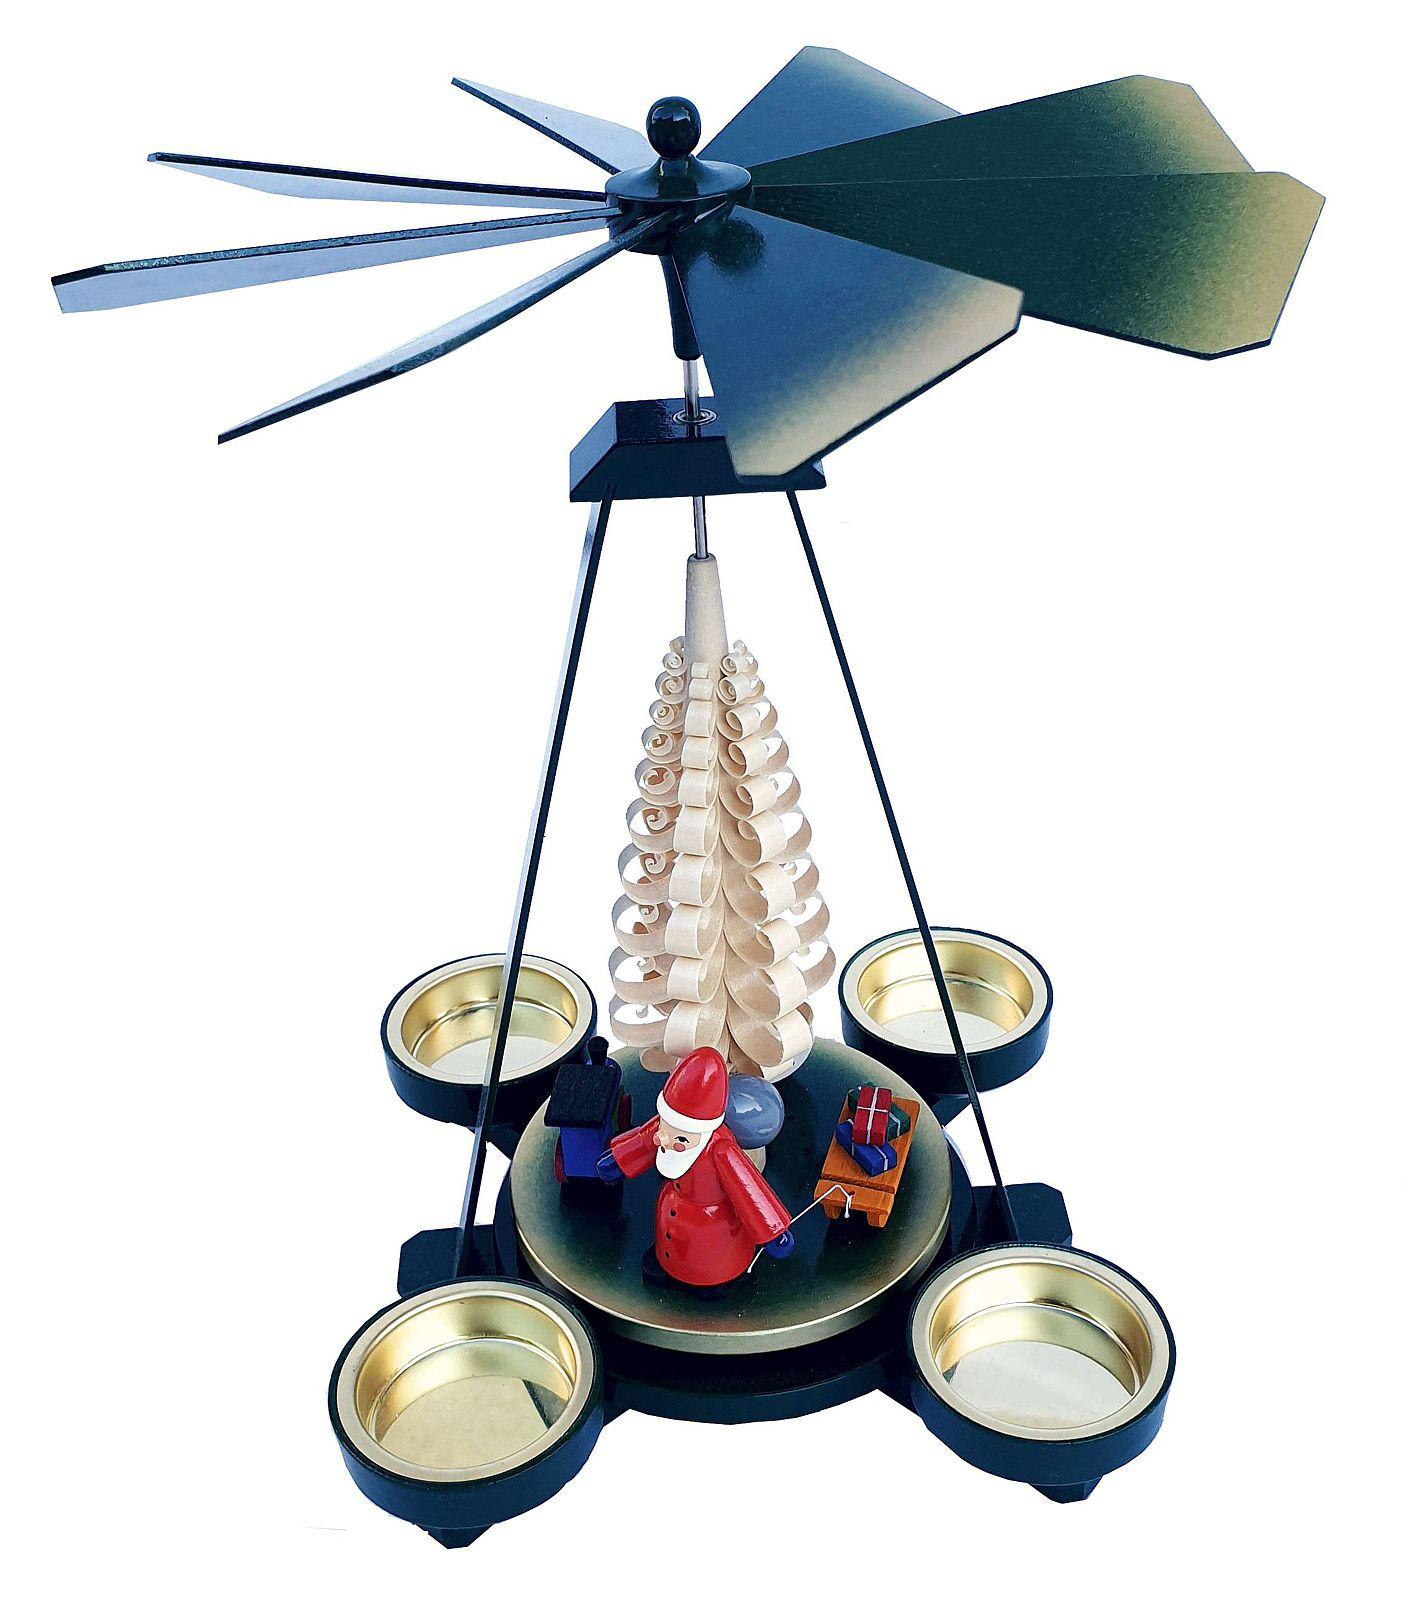 Seiffener Handwerksschau Weihnachtspyramide mit Weihnachtsmann in grün